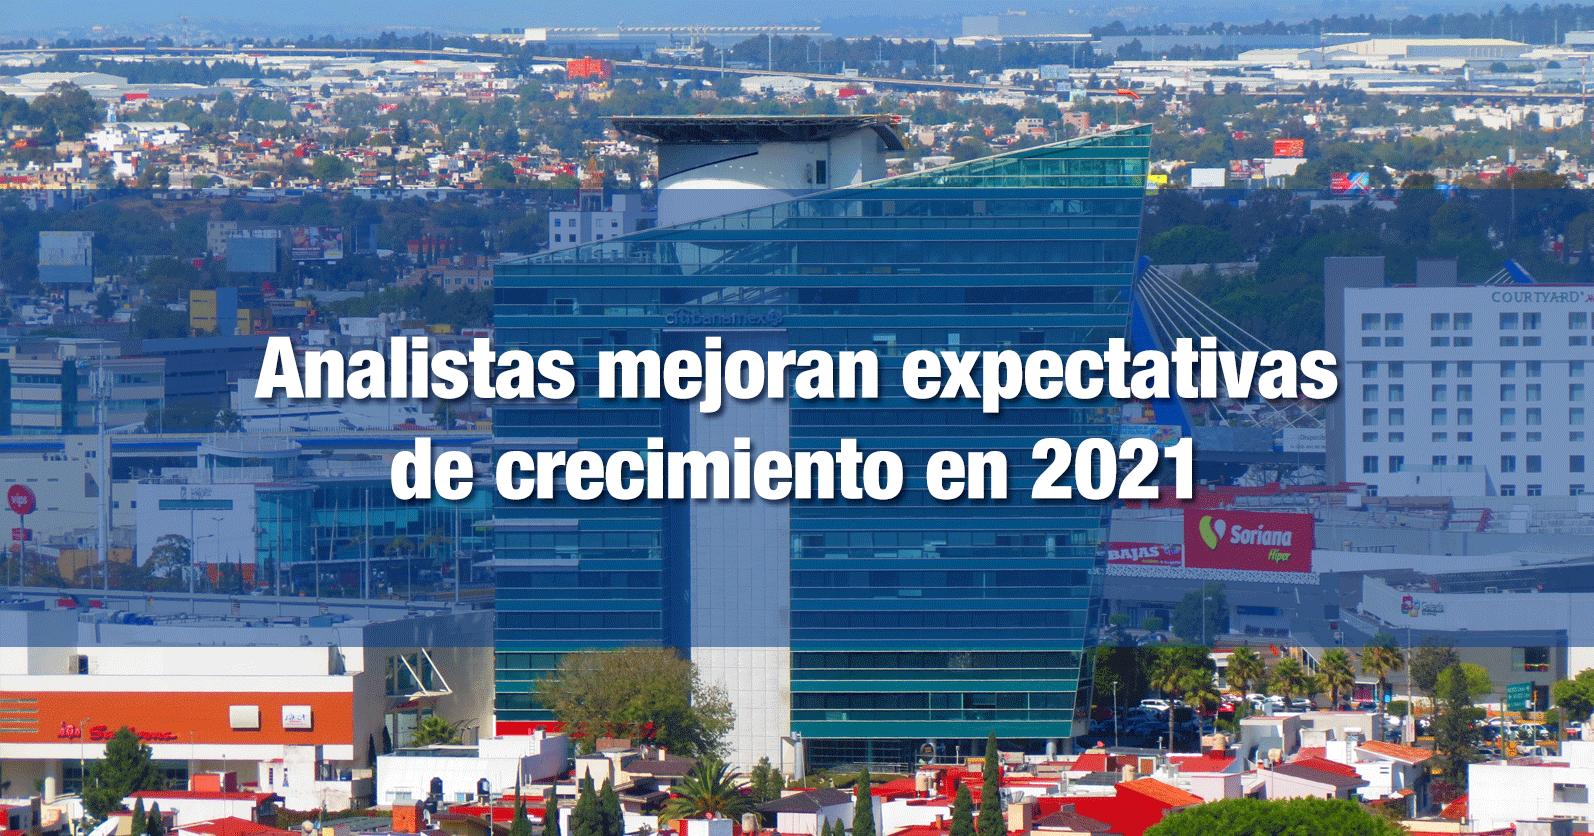 Analistas mejoran expectativas de crecimiento en 2021